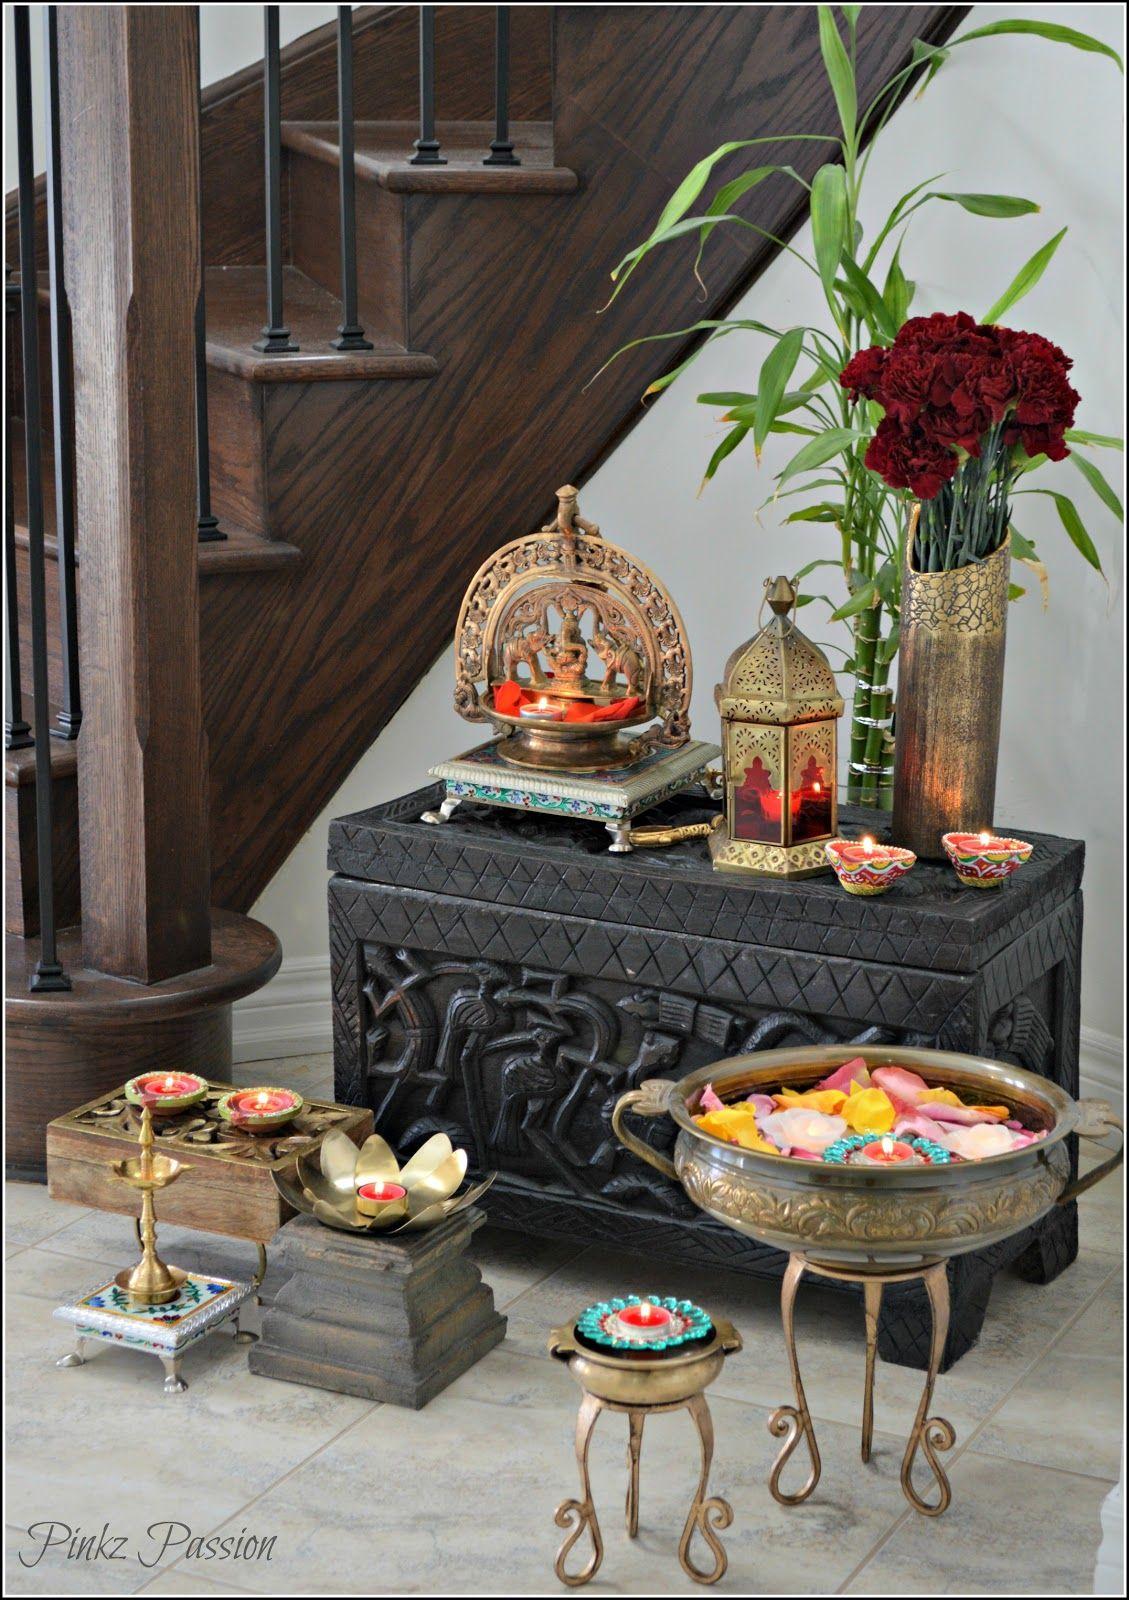 Room ideas also dsc  jardin zen en miniatura pinterest rh